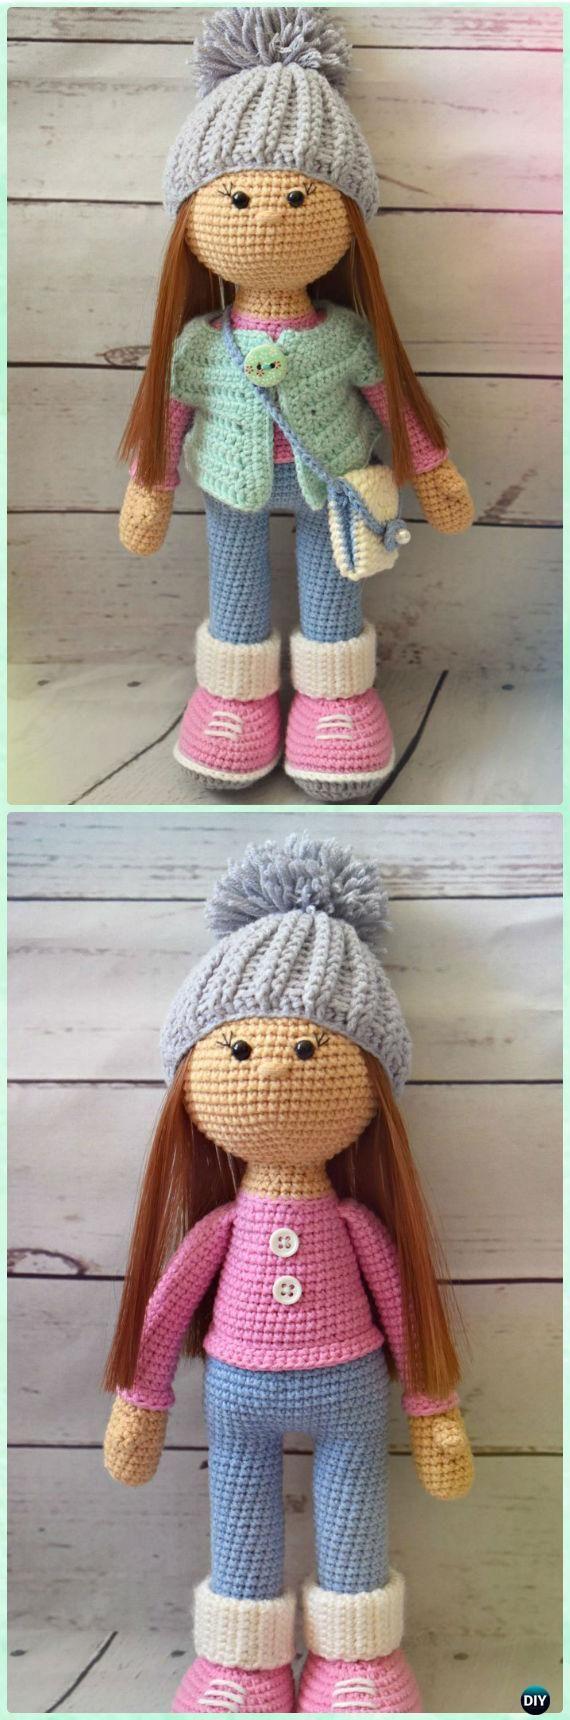 Кукла Стеша | muñecas | Pinterest | Las muñecas, Patrón de ganchillo ...